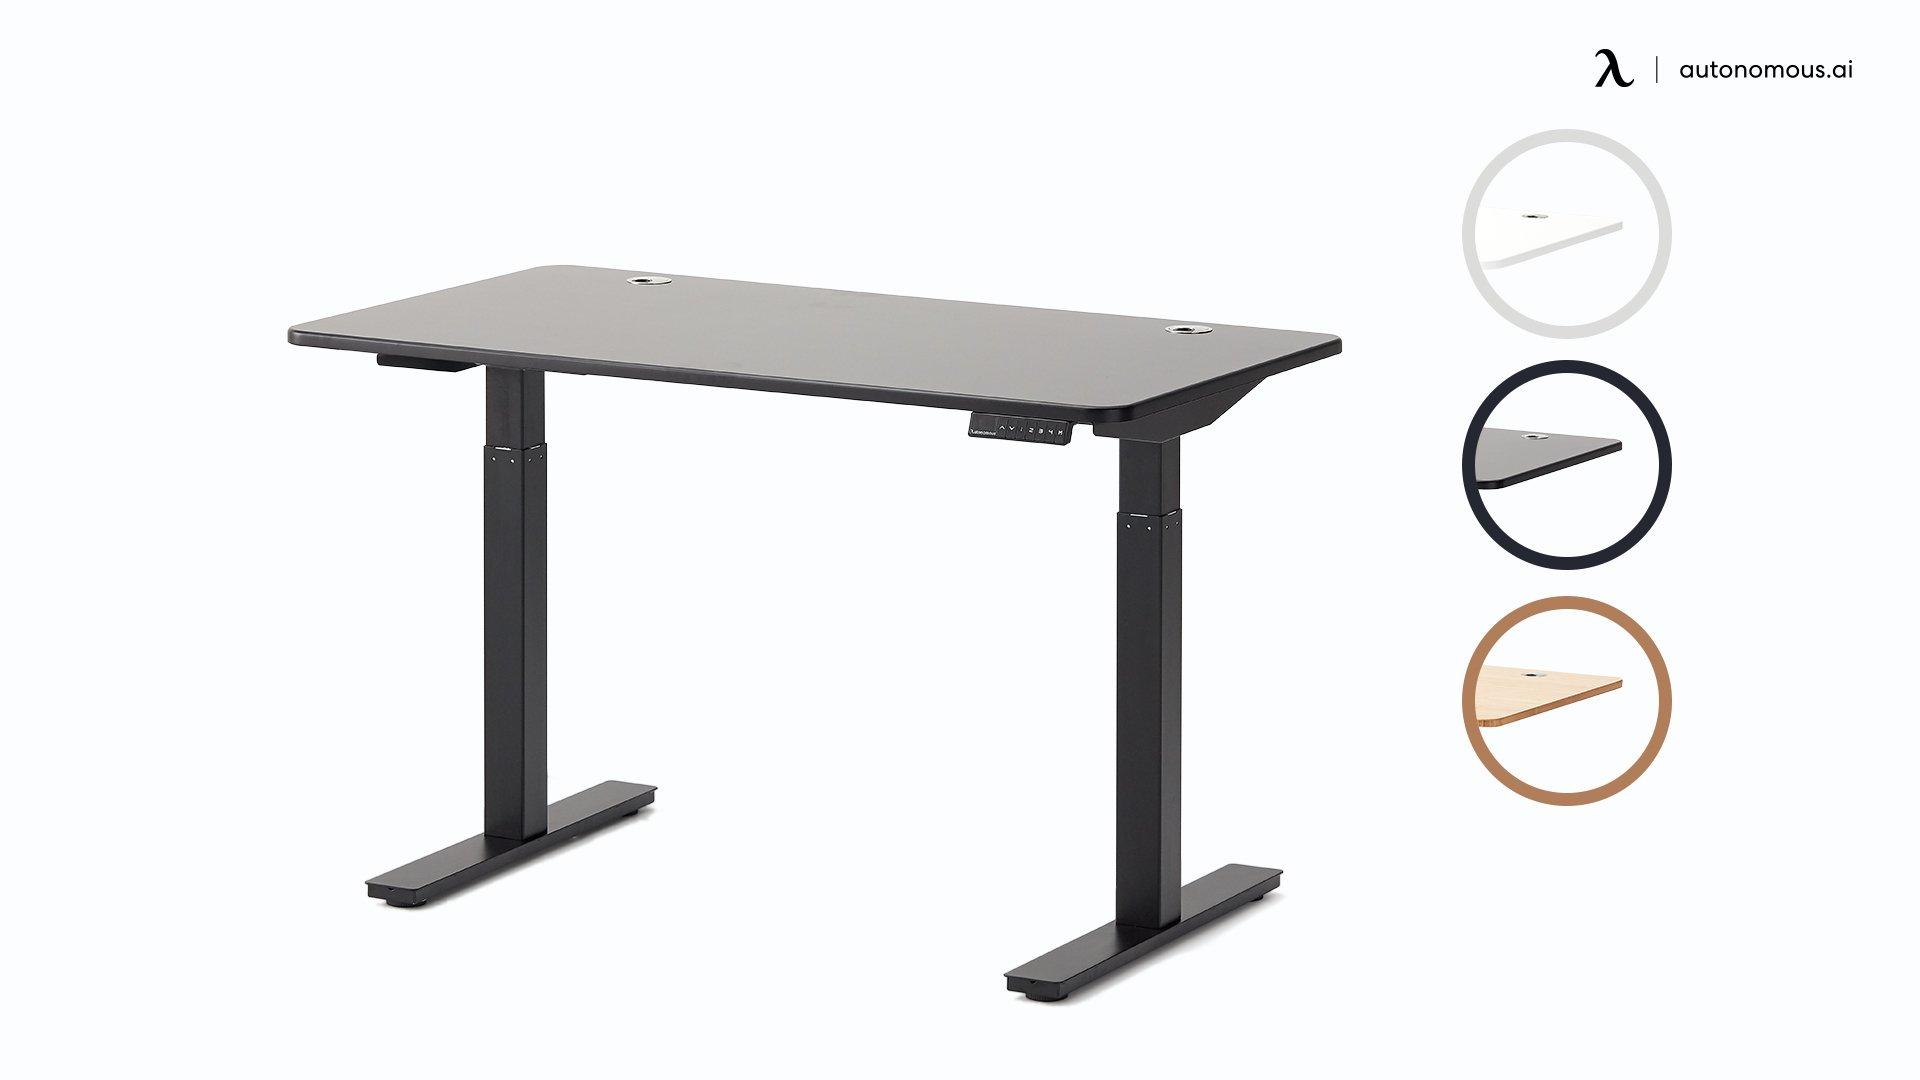 The Autonomous Smart Desk DIY kit